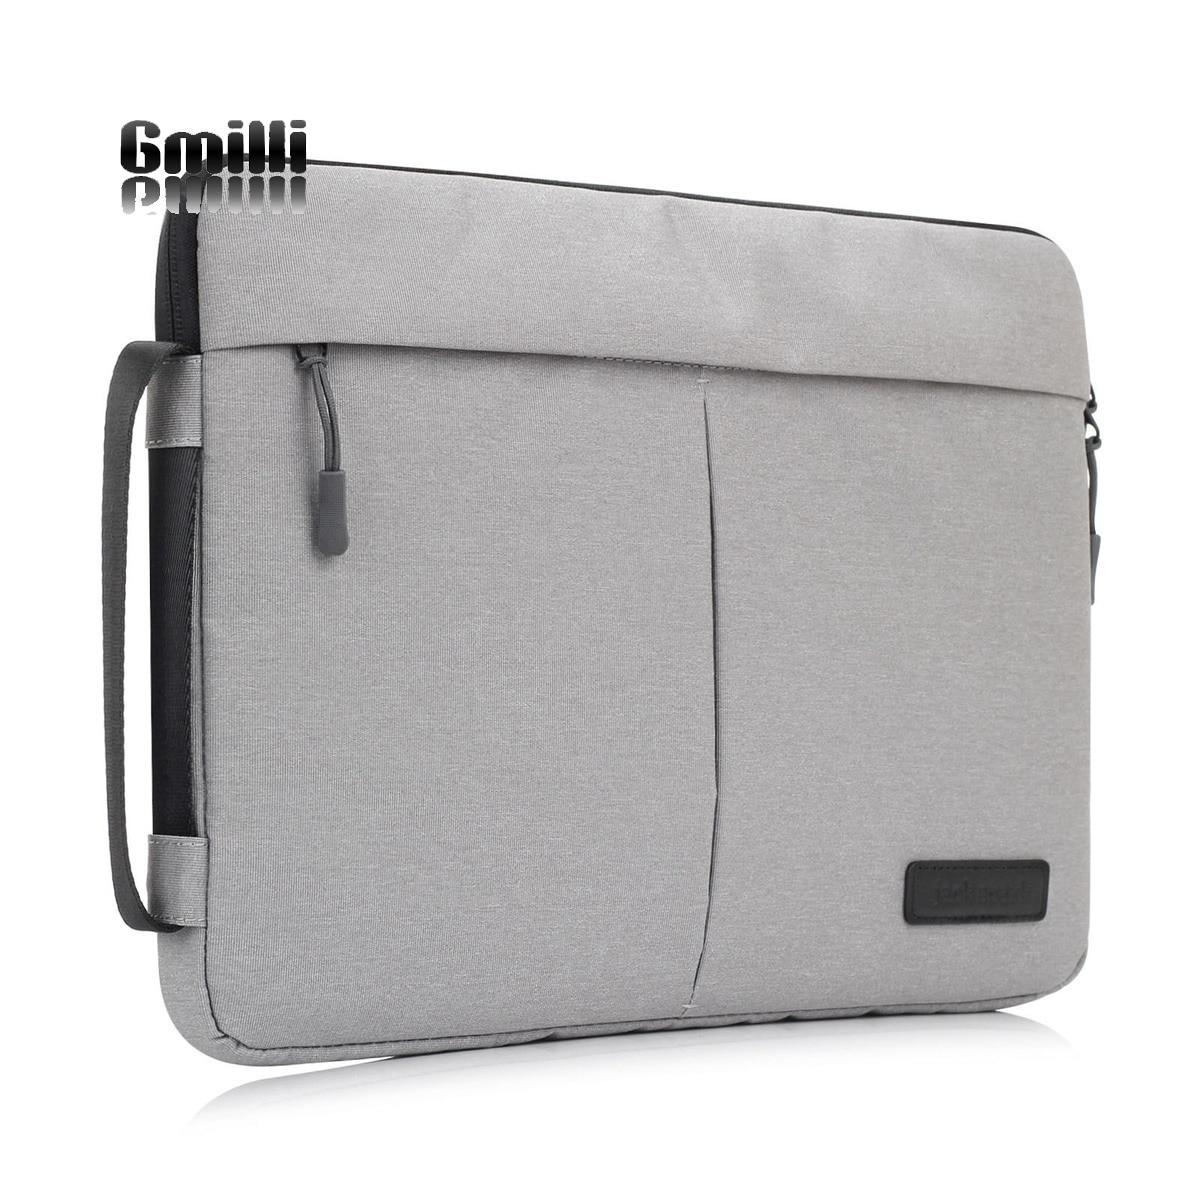 Gmilli Nylone Unisex Business Laptop Sleeve Bag Notebook Case Pouch - Նոթբուքի պարագաներ - Լուսանկար 1